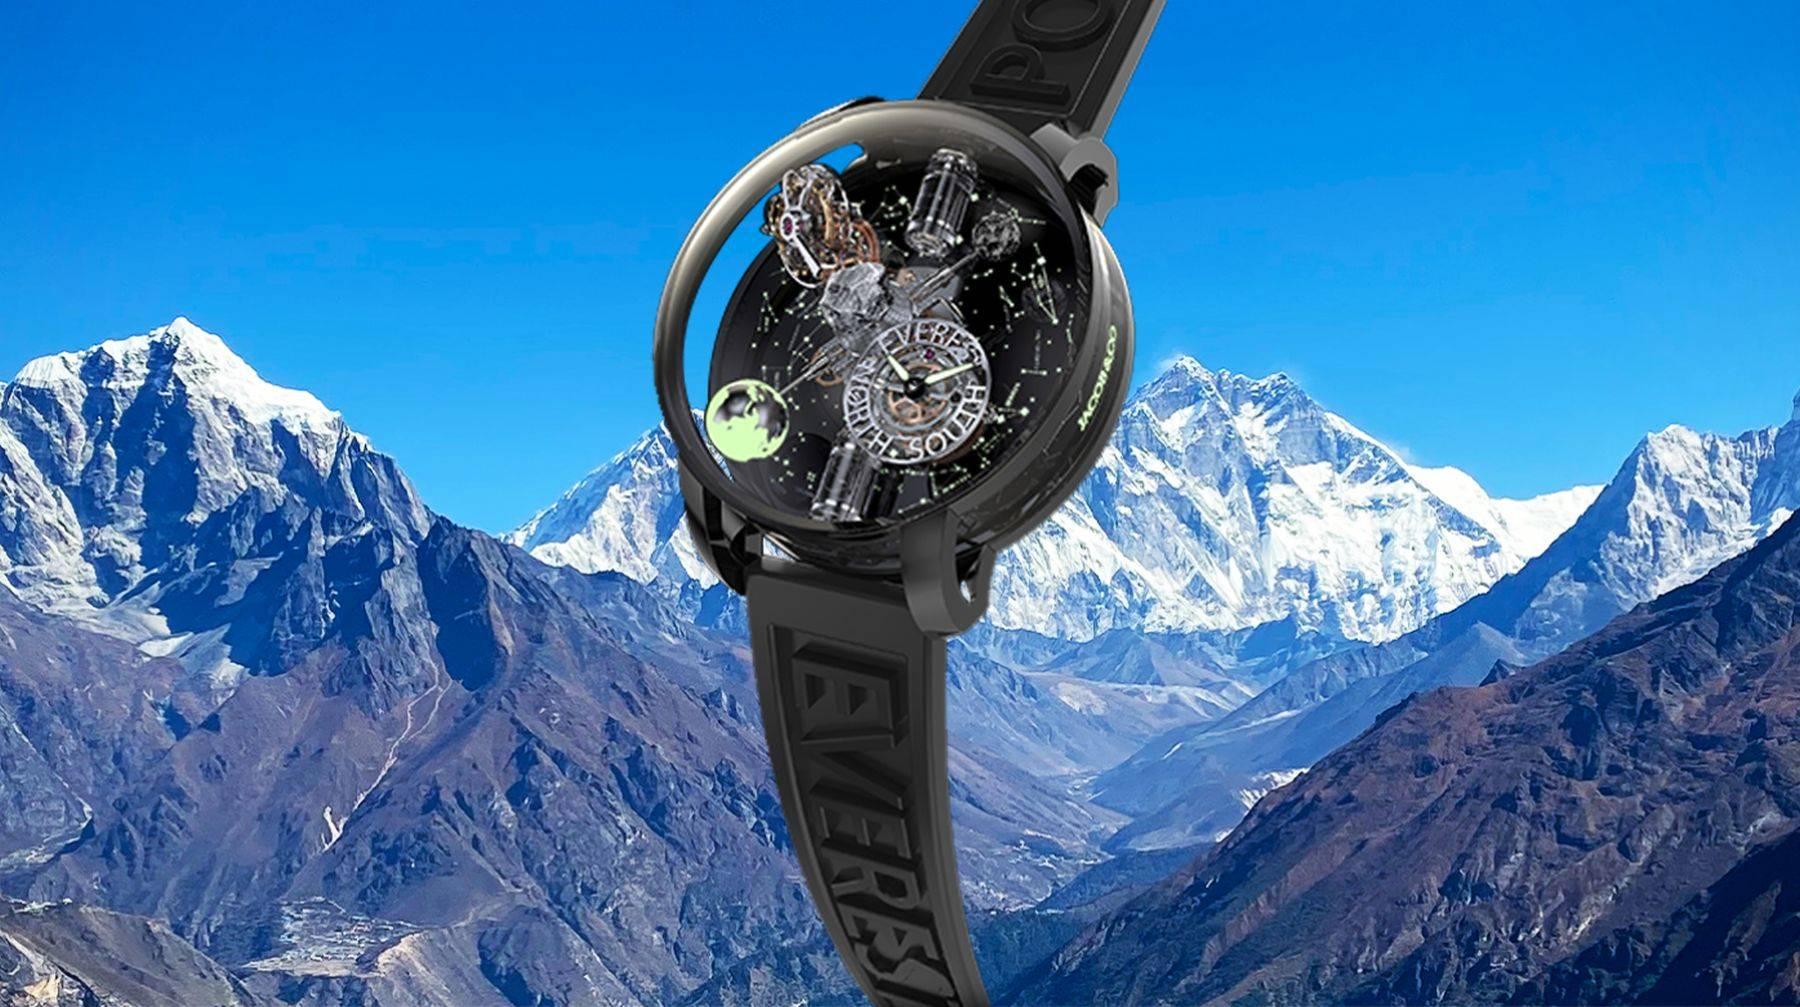 Jacob & Co.'s Astronomia Everest